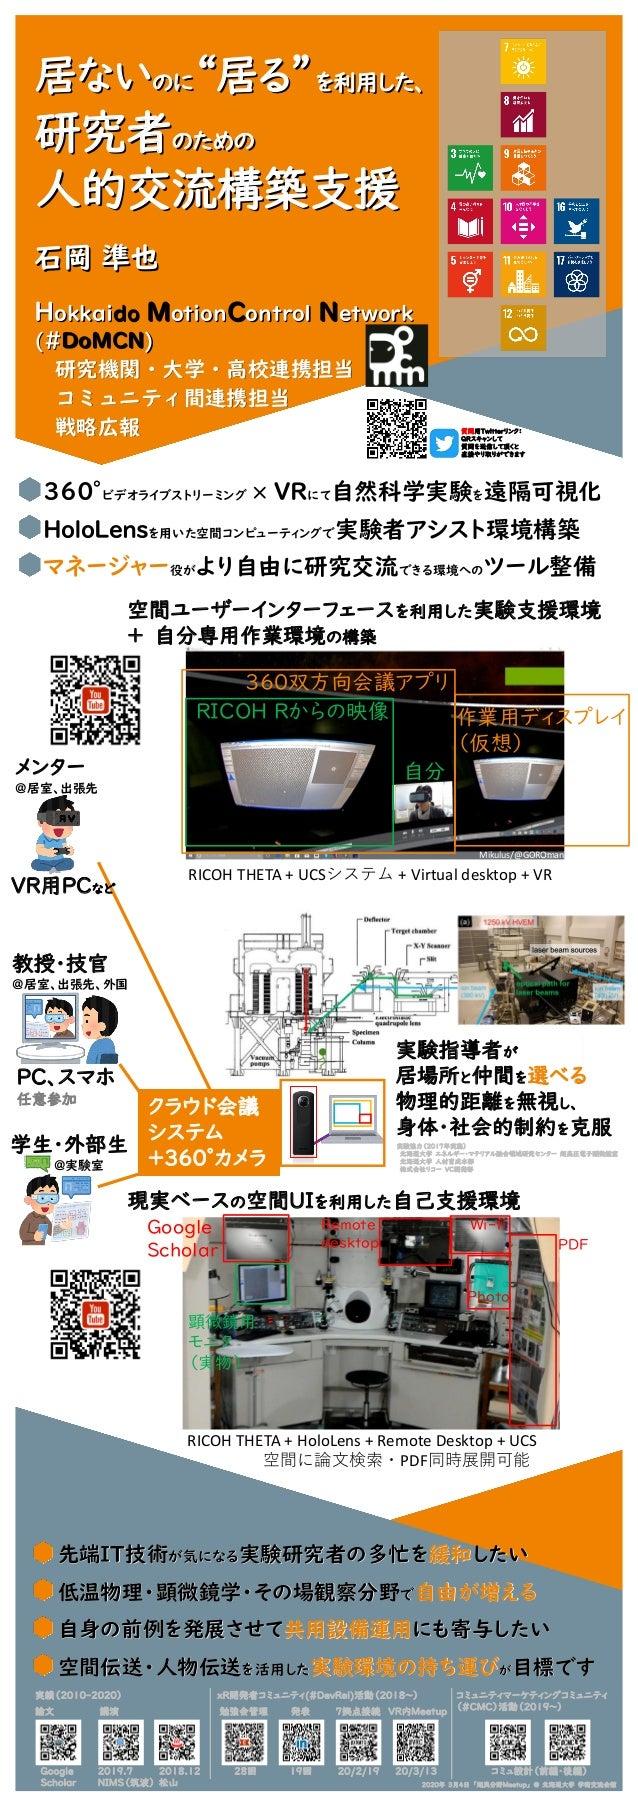 """居ないのに""""居る""""を利用した、 研究者のための 人的交流構築支援 石岡 準也 Hokkaido MotionControl Network (#DoMCN) 研究機関・大学・高校連携担当 コミュニティ間連携担当 戦略広報 360°ビデオライブス..."""